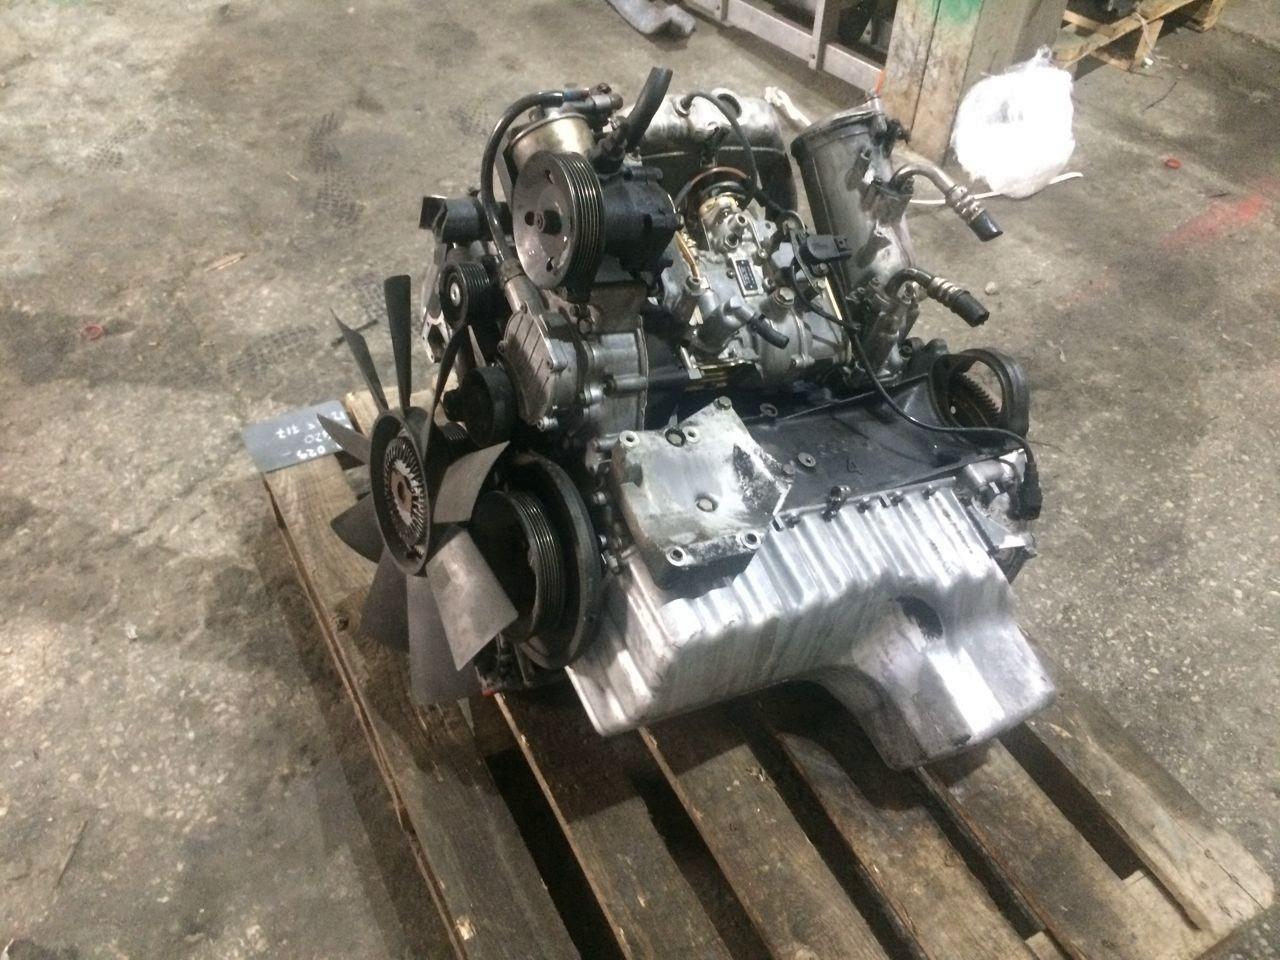 Двигатель Ssangyong Korando. 661920 (D23M). , 2.3л., 95-101л.с. Турбо